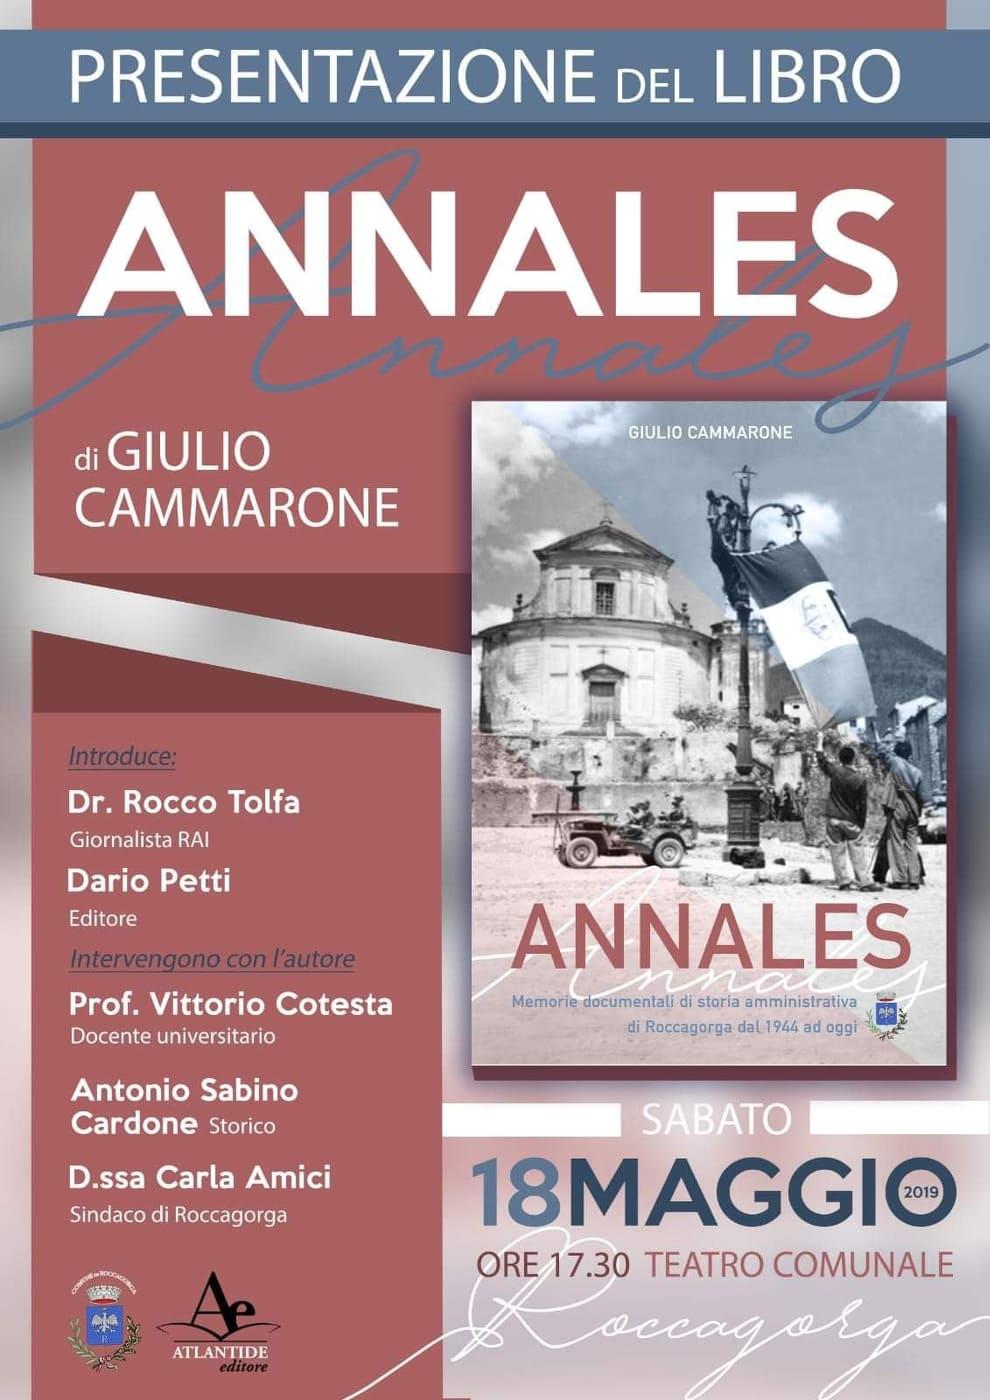 Roccagorga: Presentazione del libro @ Teatro comunale | Roccagorga | Lazio | Italia